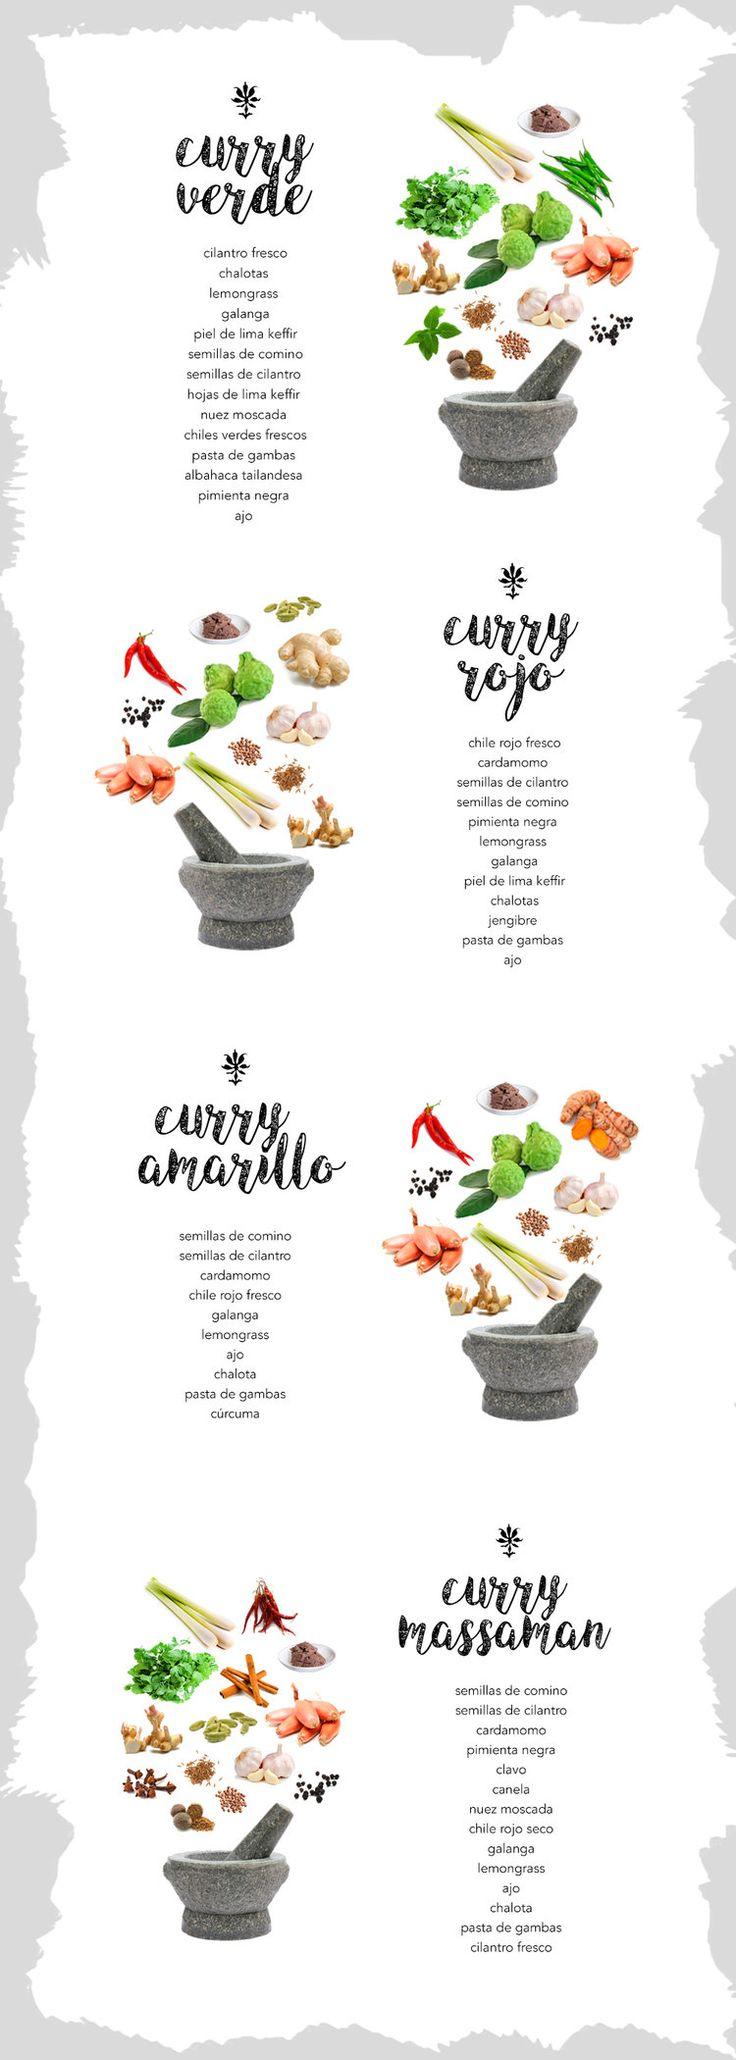 Mejores 9 imágenes de Cocina oriental en Pinterest | Aperitivos ...